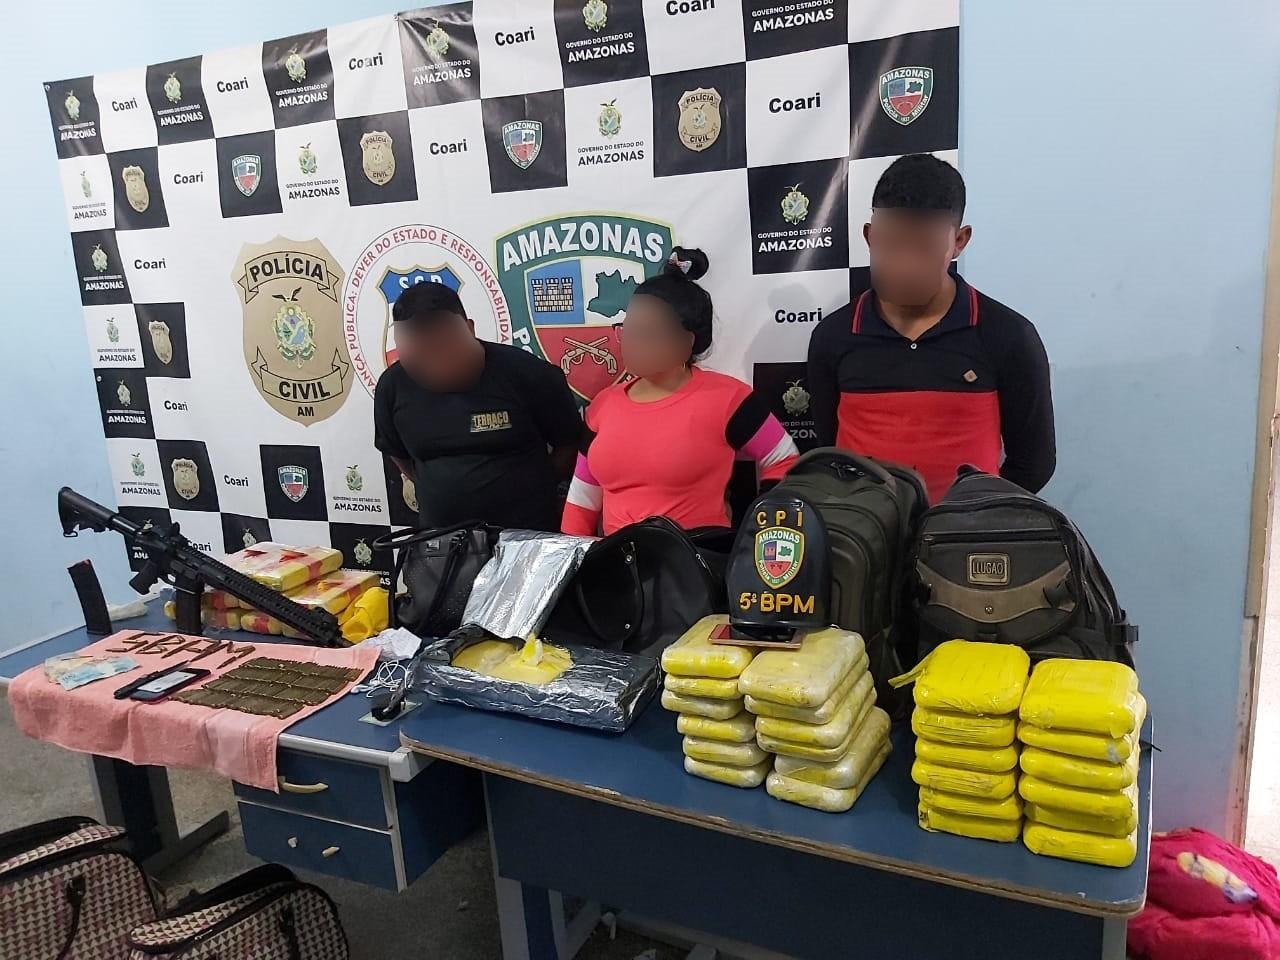 Trio é preso com fuzil, drogas e munições em lancha no interior do AM - Notícias - Plantão Diário